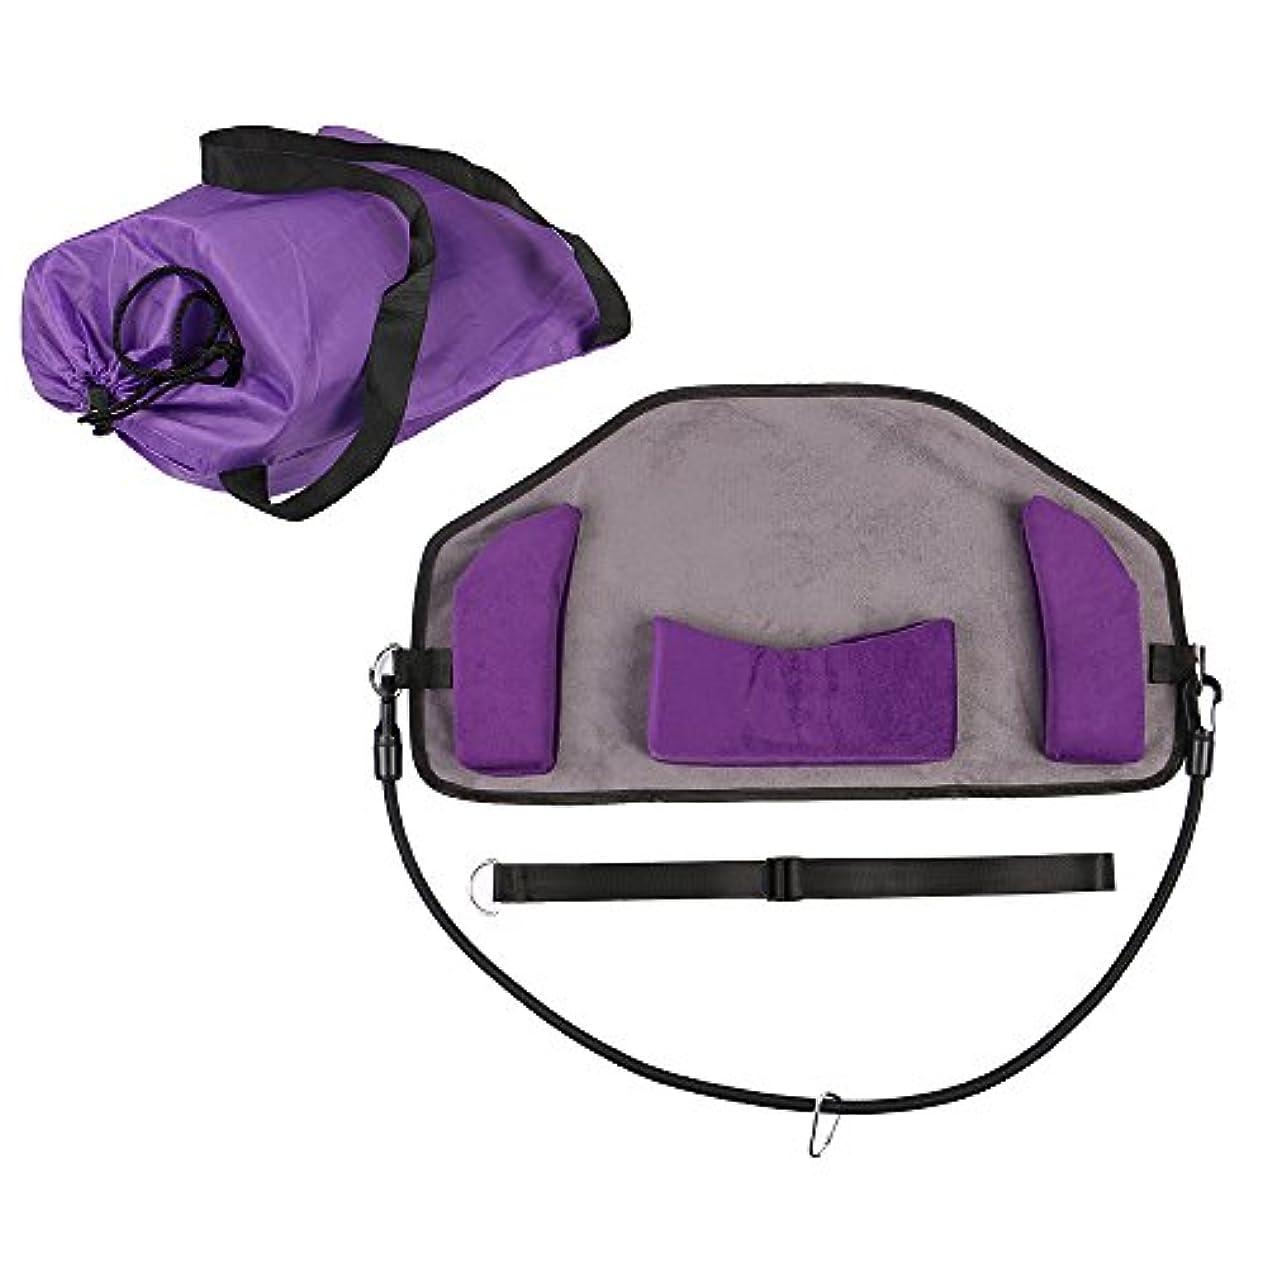 乱暴な思春期ヘビネックハンモックネックペイントリリーフのためのより良いハンモックポータブルと調節可能なネックストレッチャーあなたの疲れを速やかに解消 (紫の)